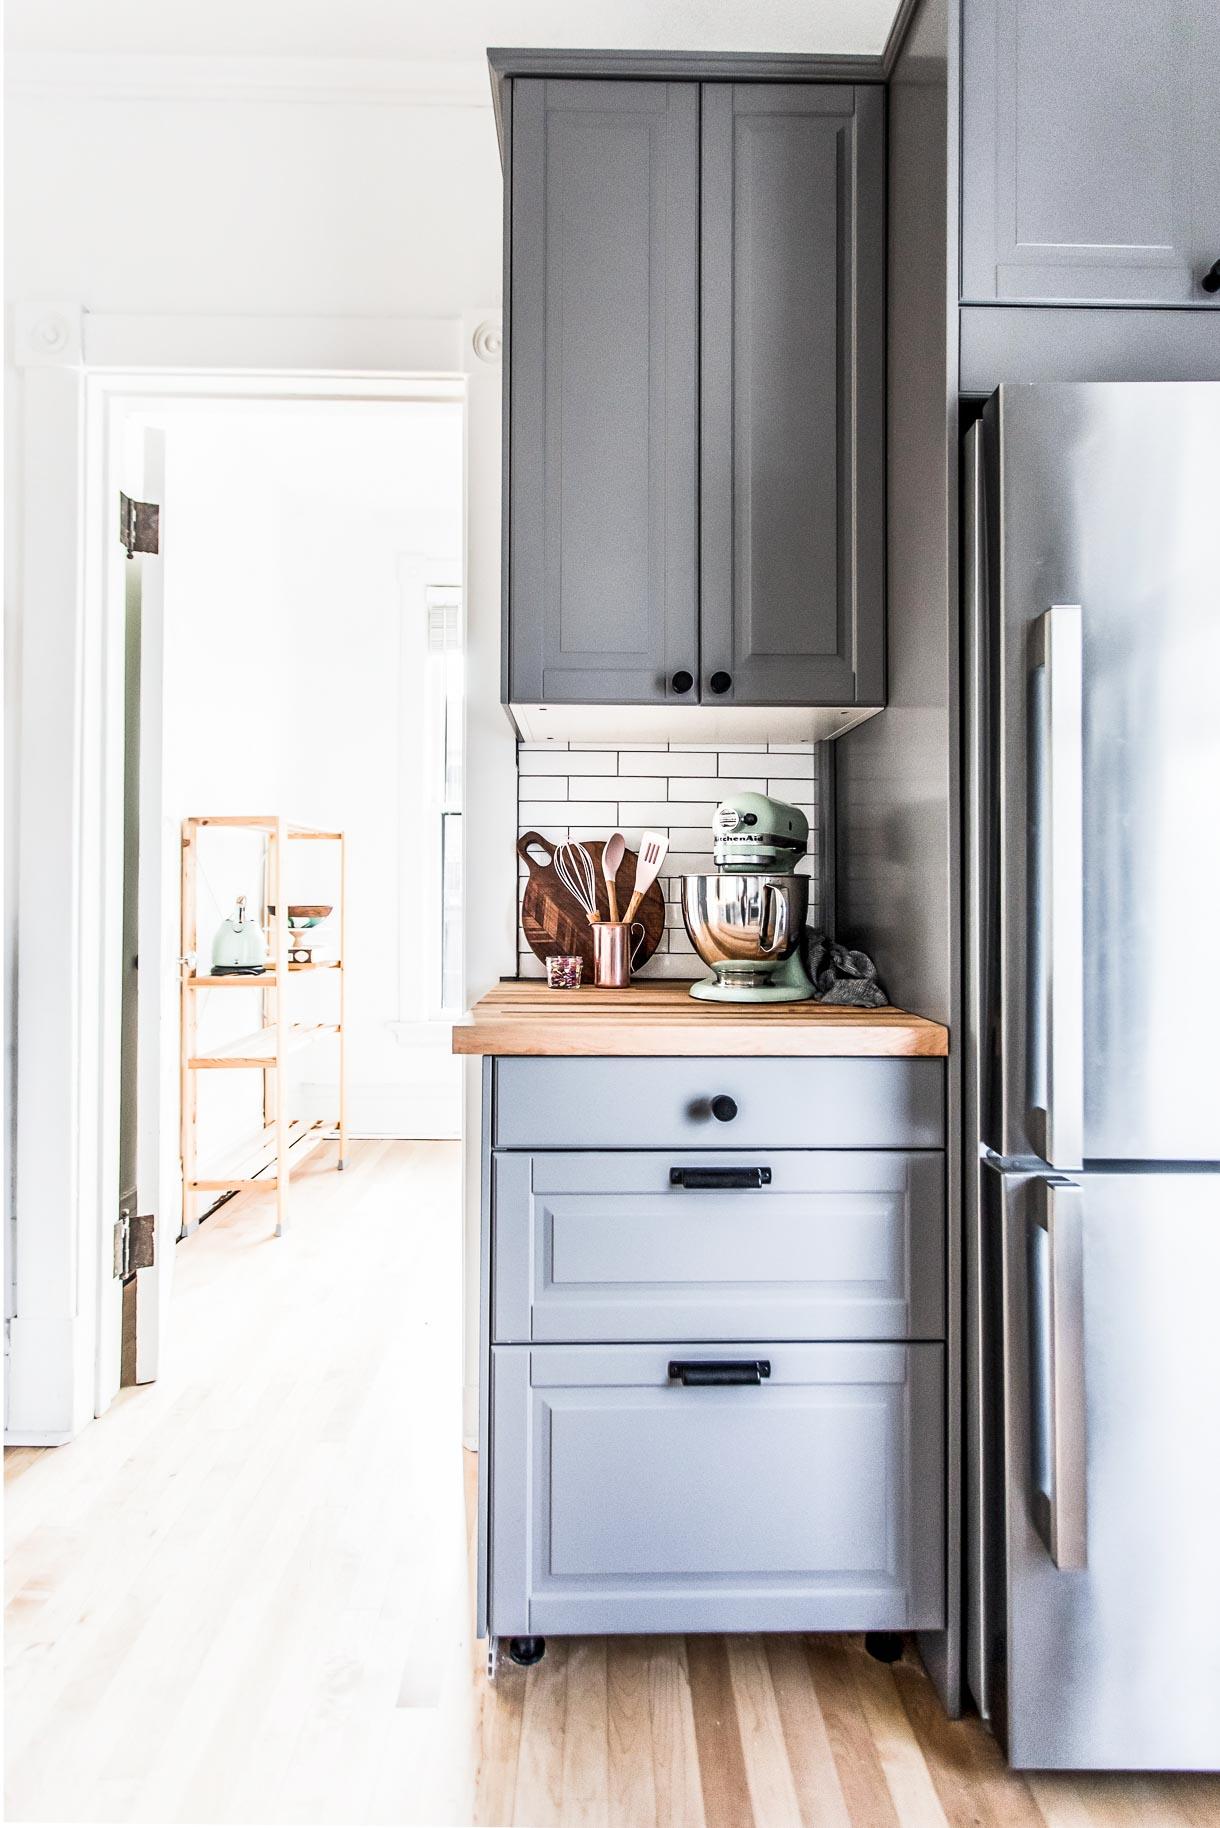 IKEA Cabinets, kitchenaid stand mixer